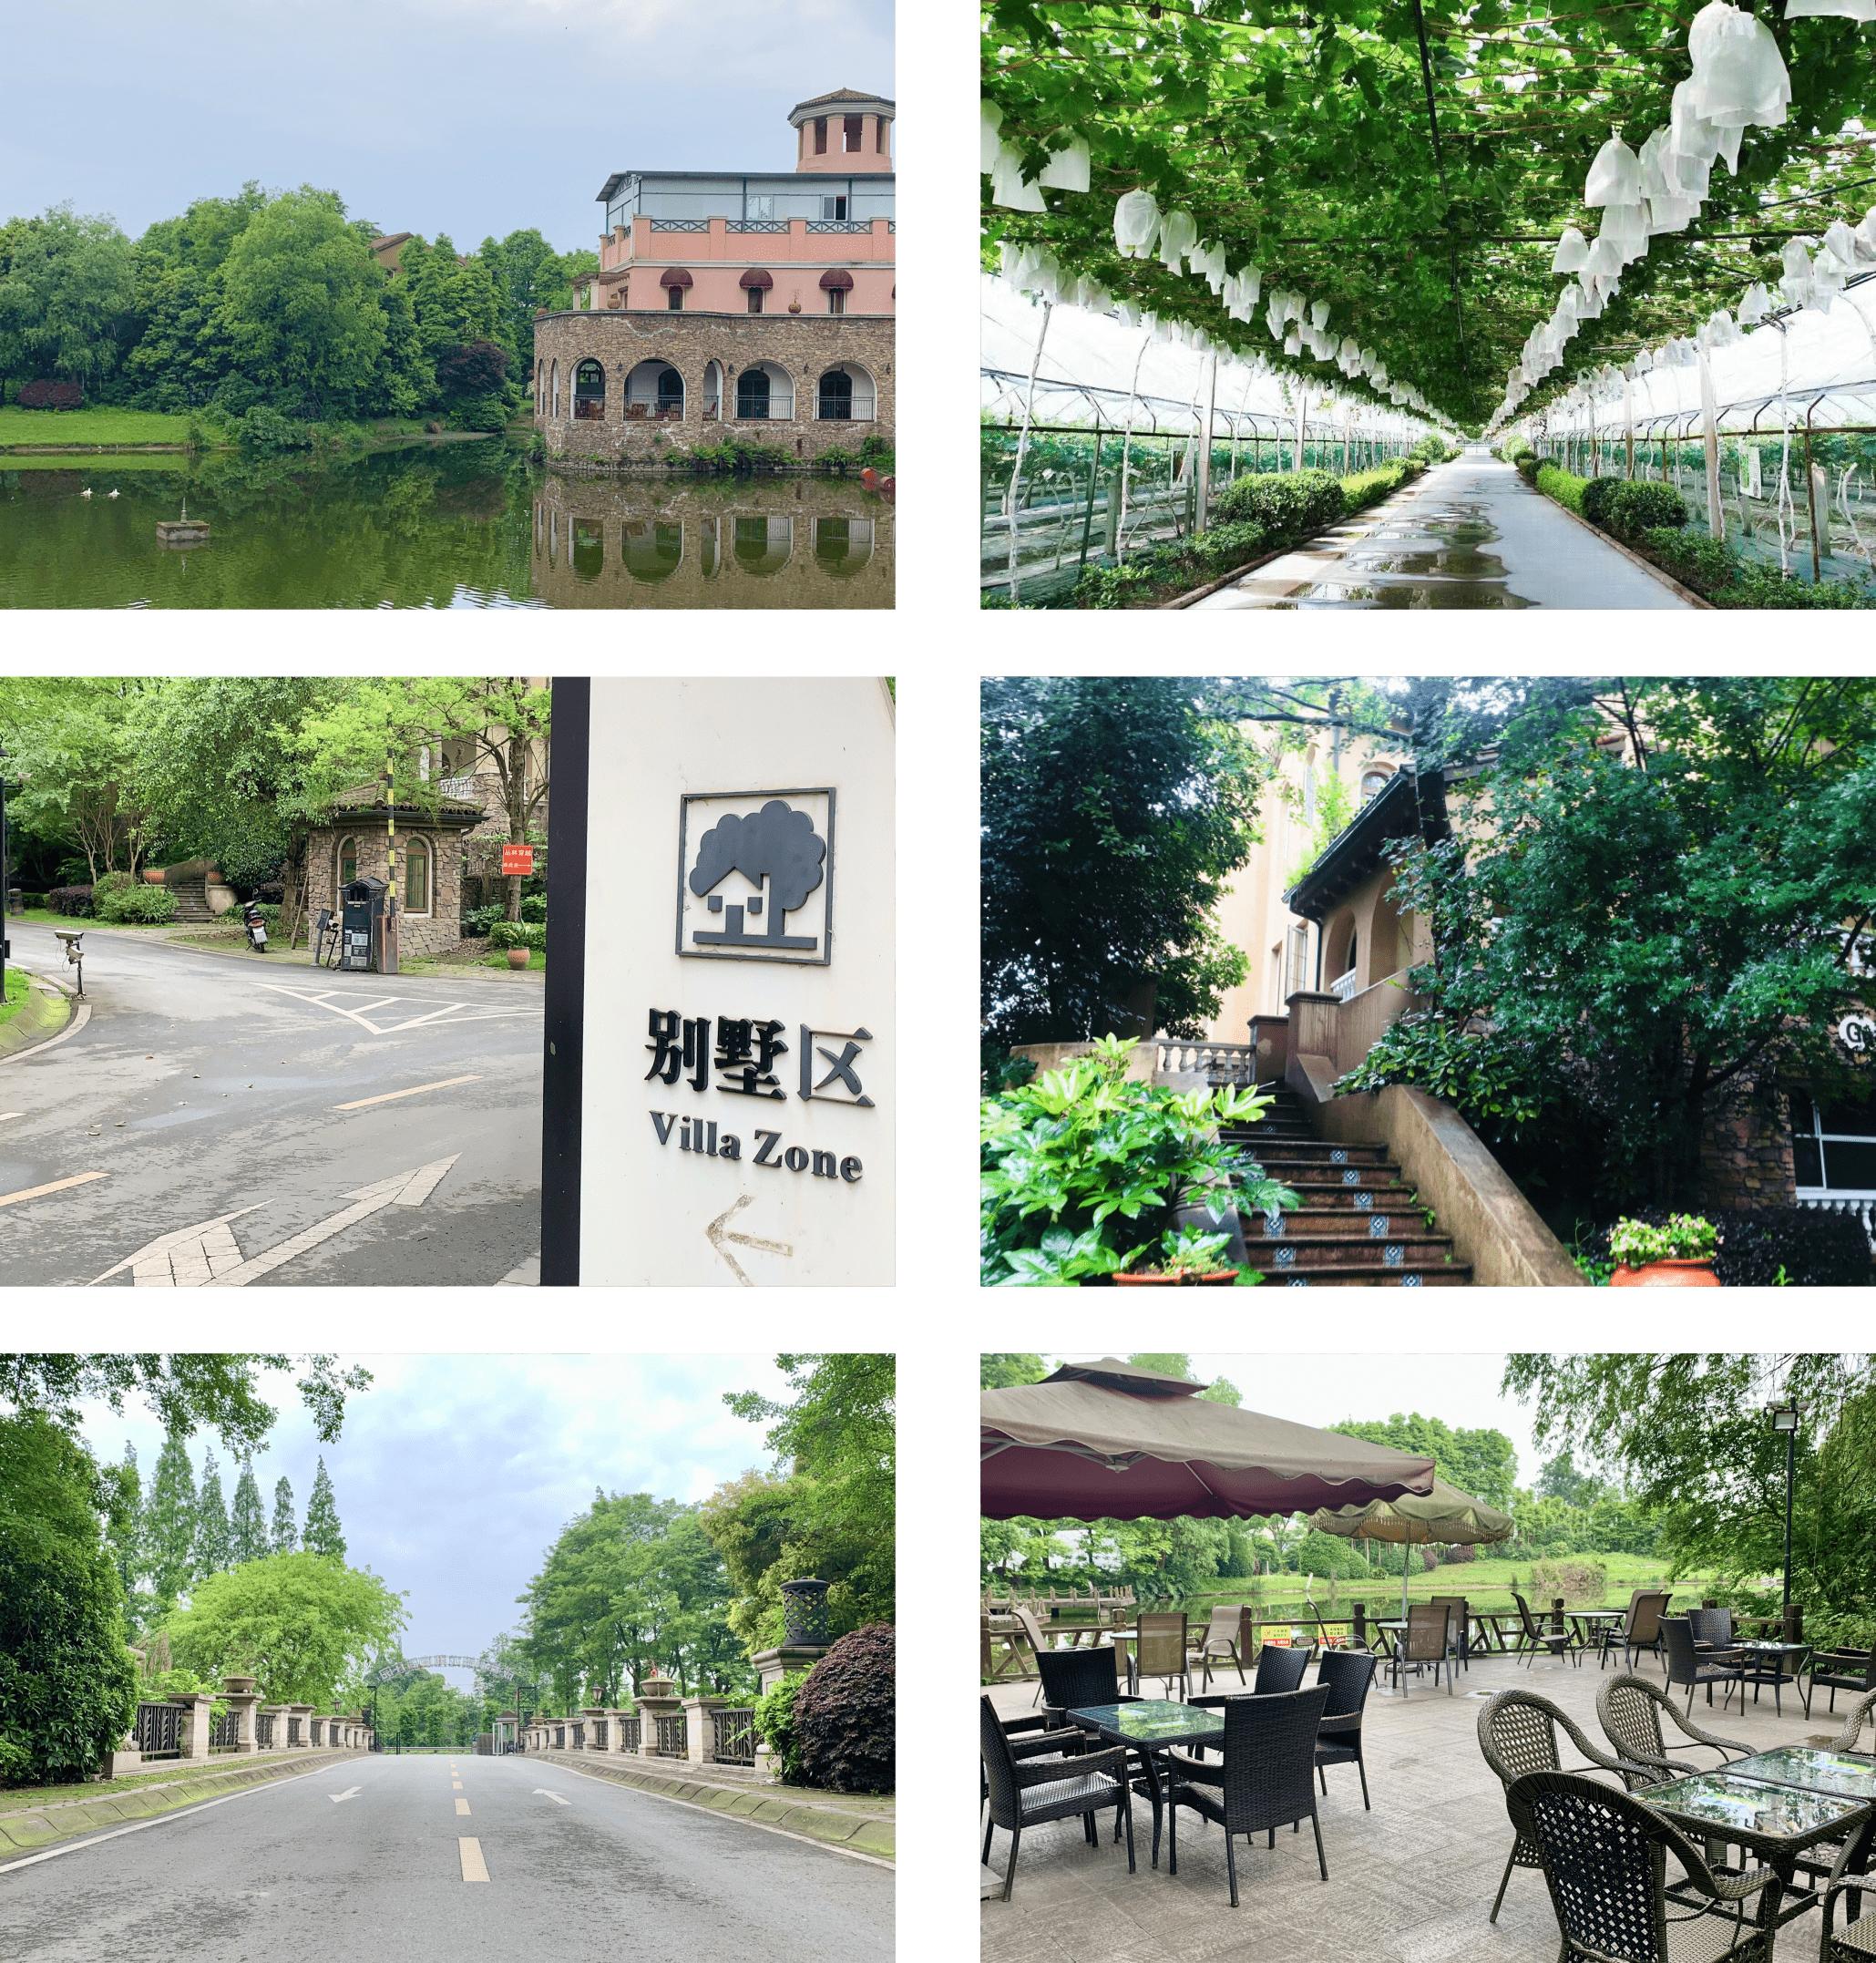 成都周边企业拓展聚会好去处尽在郫县西镇葡萄庄园!